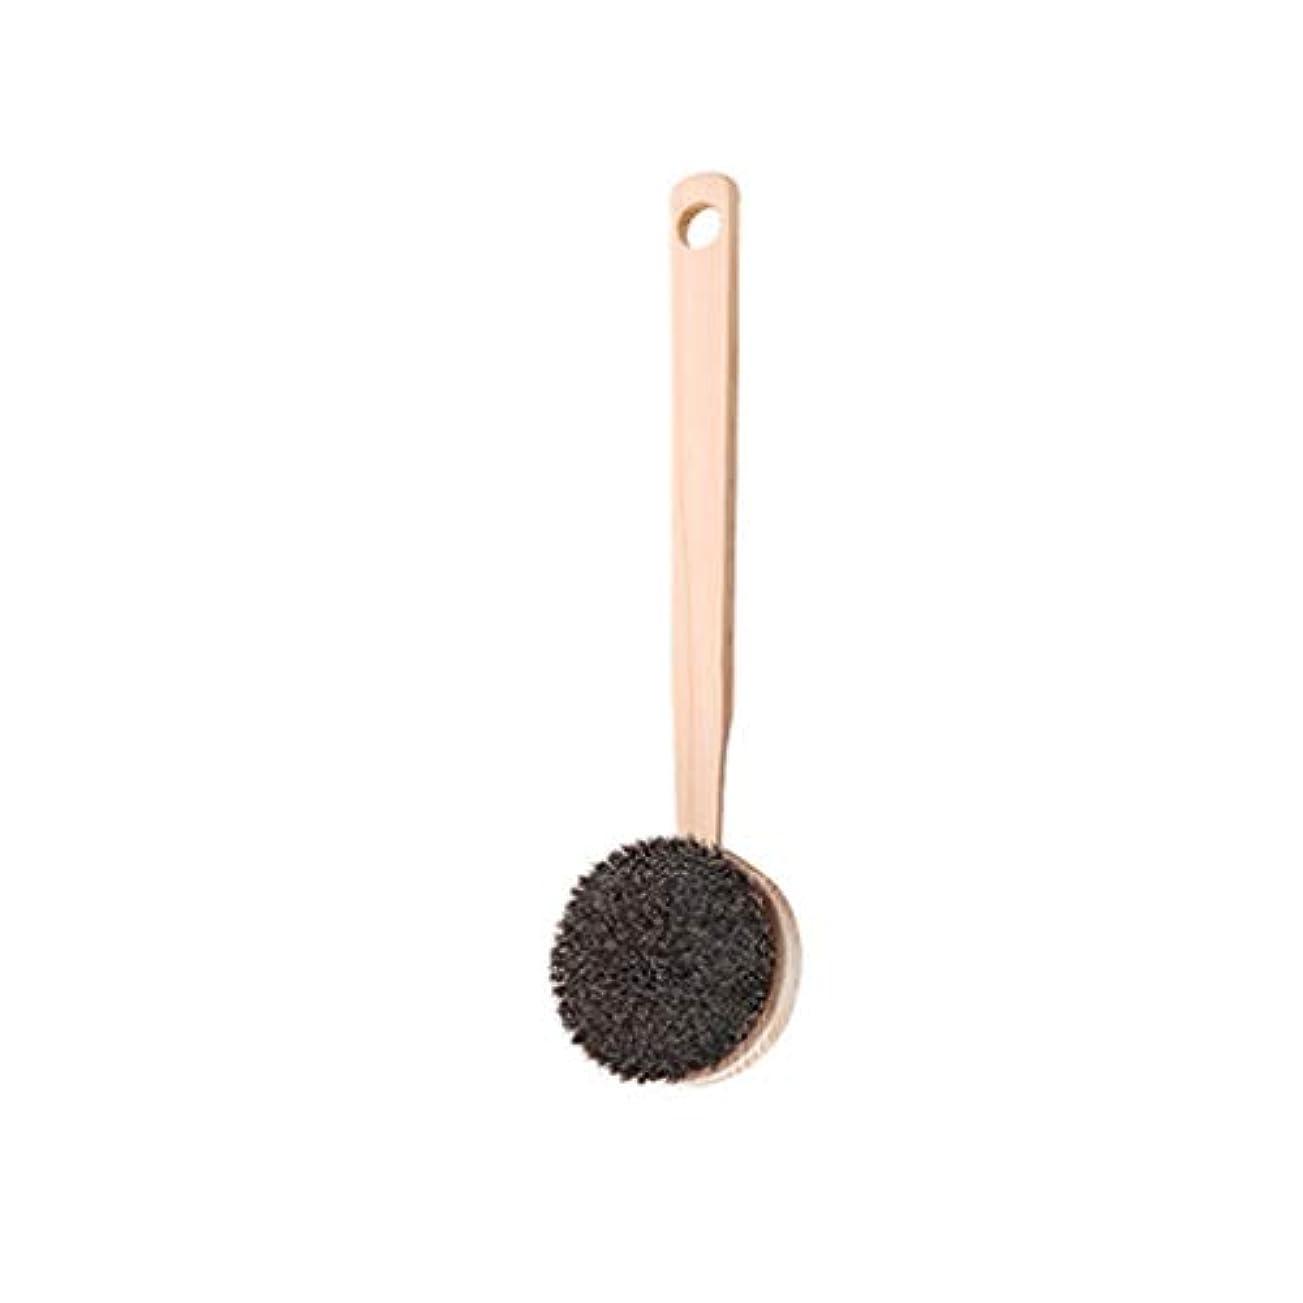 適合する広くハンドブックバスブラシバックブラシロングハンドルやわらかい毛髪バスブラシバスブラシ角質除去クリーニングブラシ (Color : A)